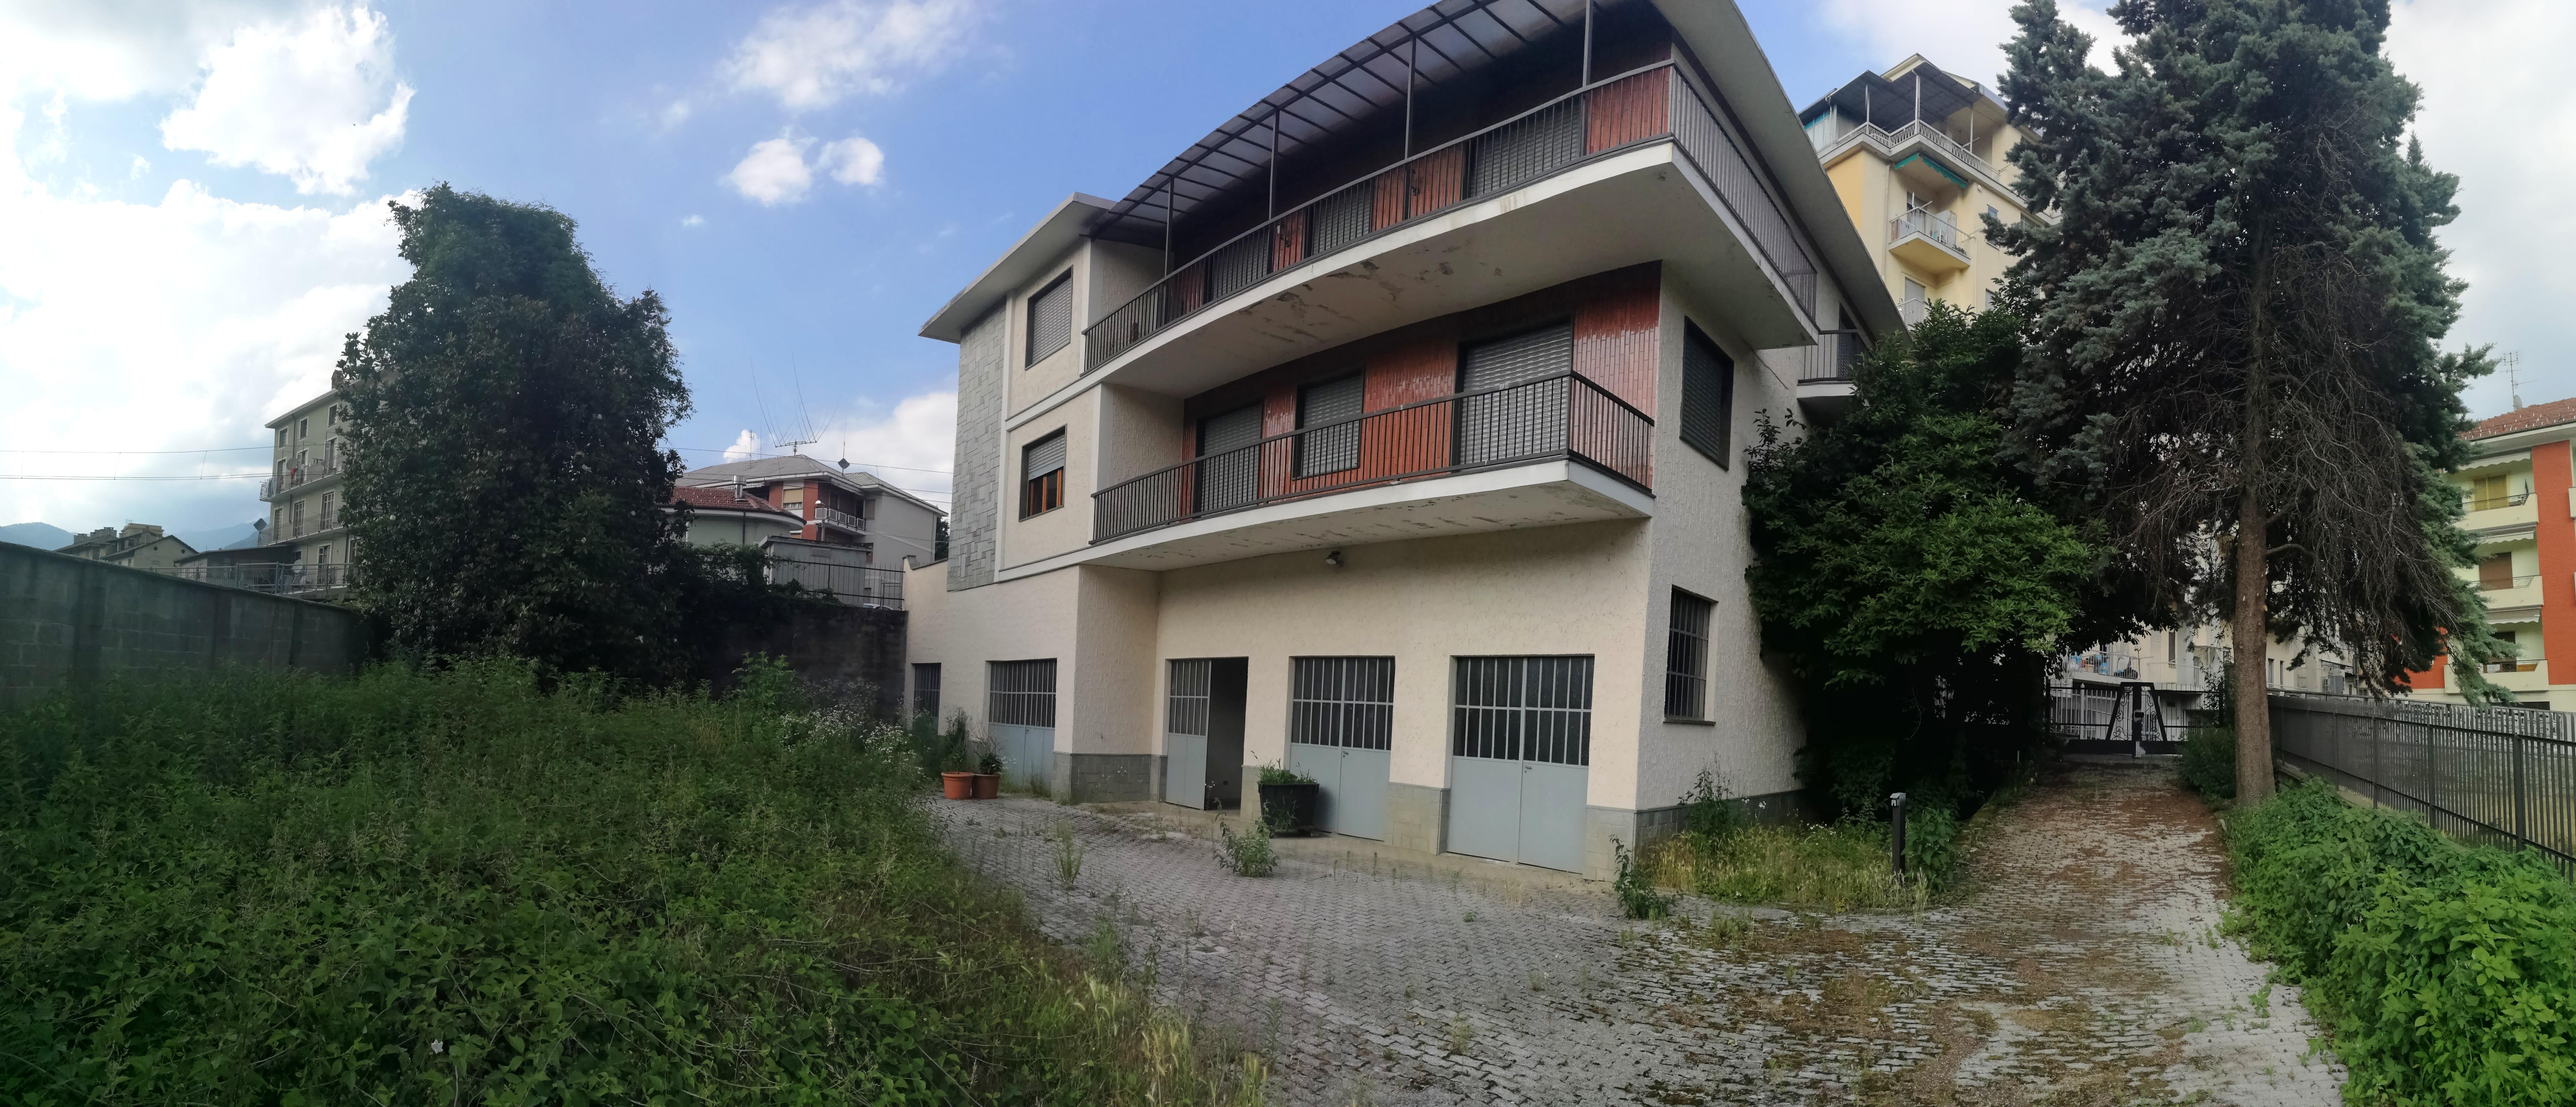 Lanzo T.se. Villa bifamigliare con terreno € 230.000